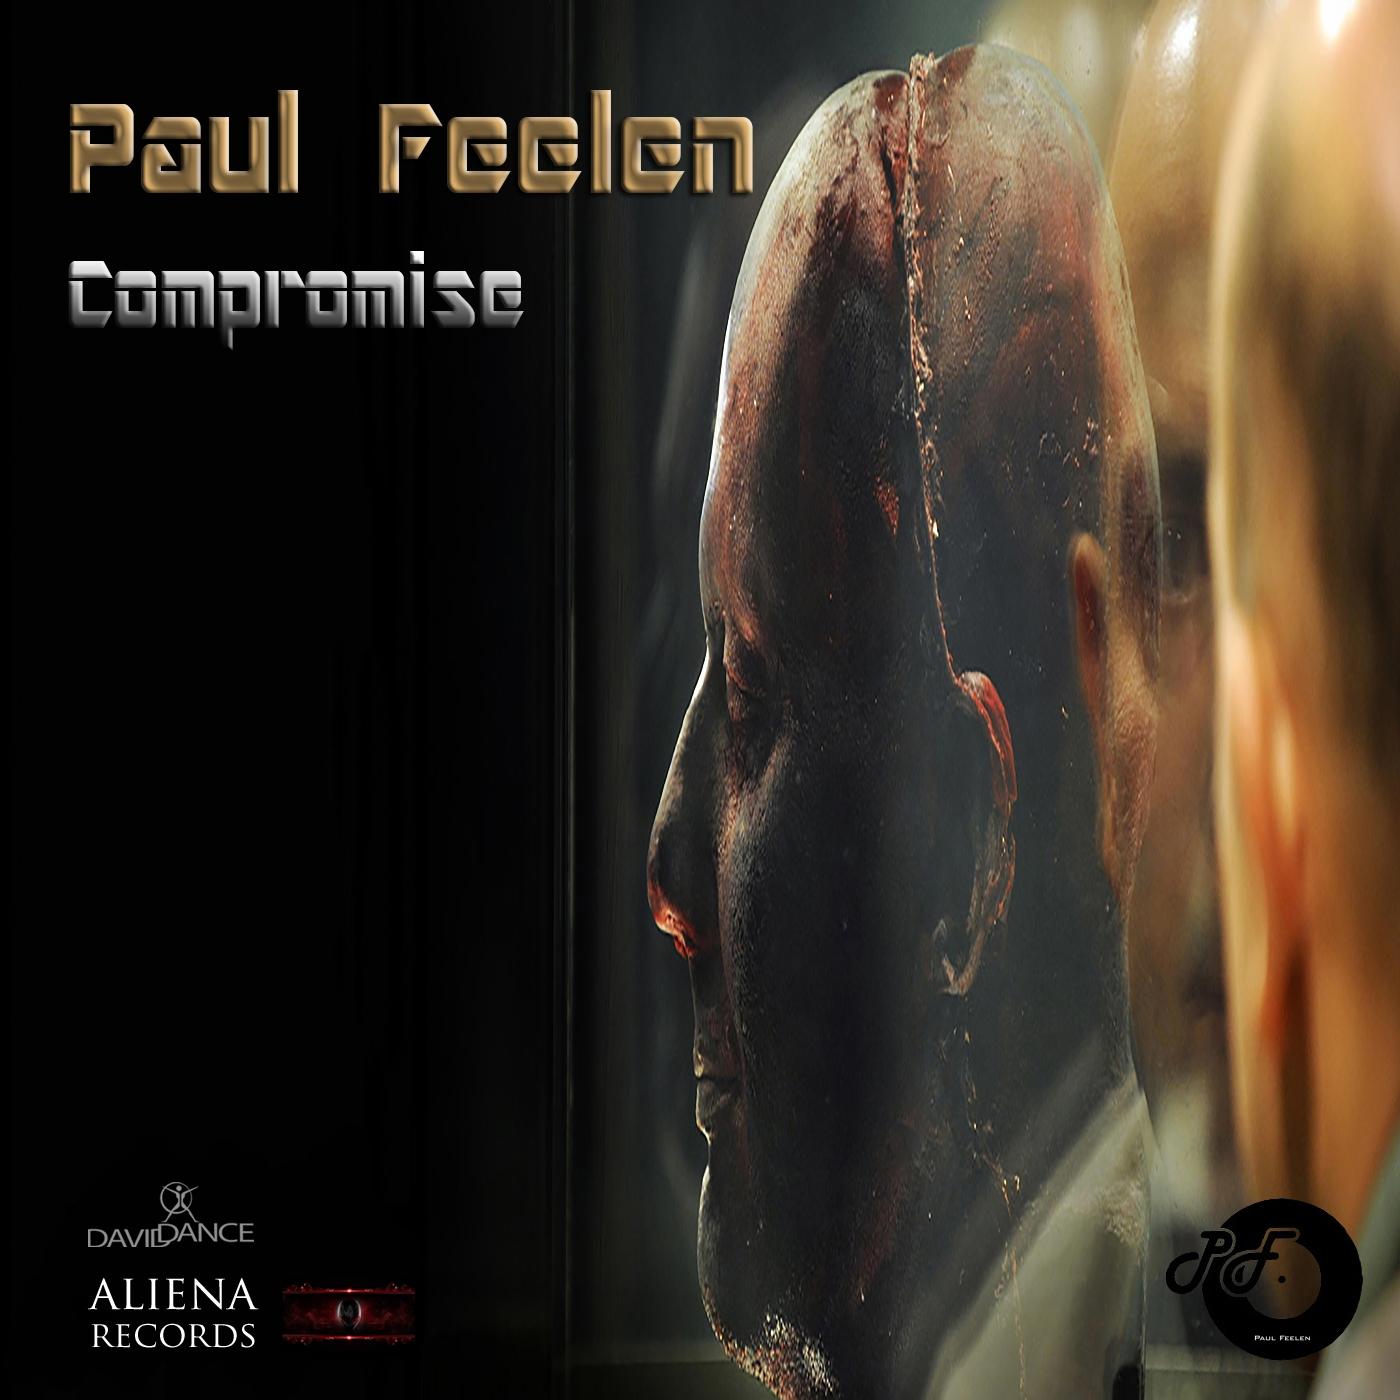 Paul Feelen - Broken (feat. Steve Owner) (Original mix)